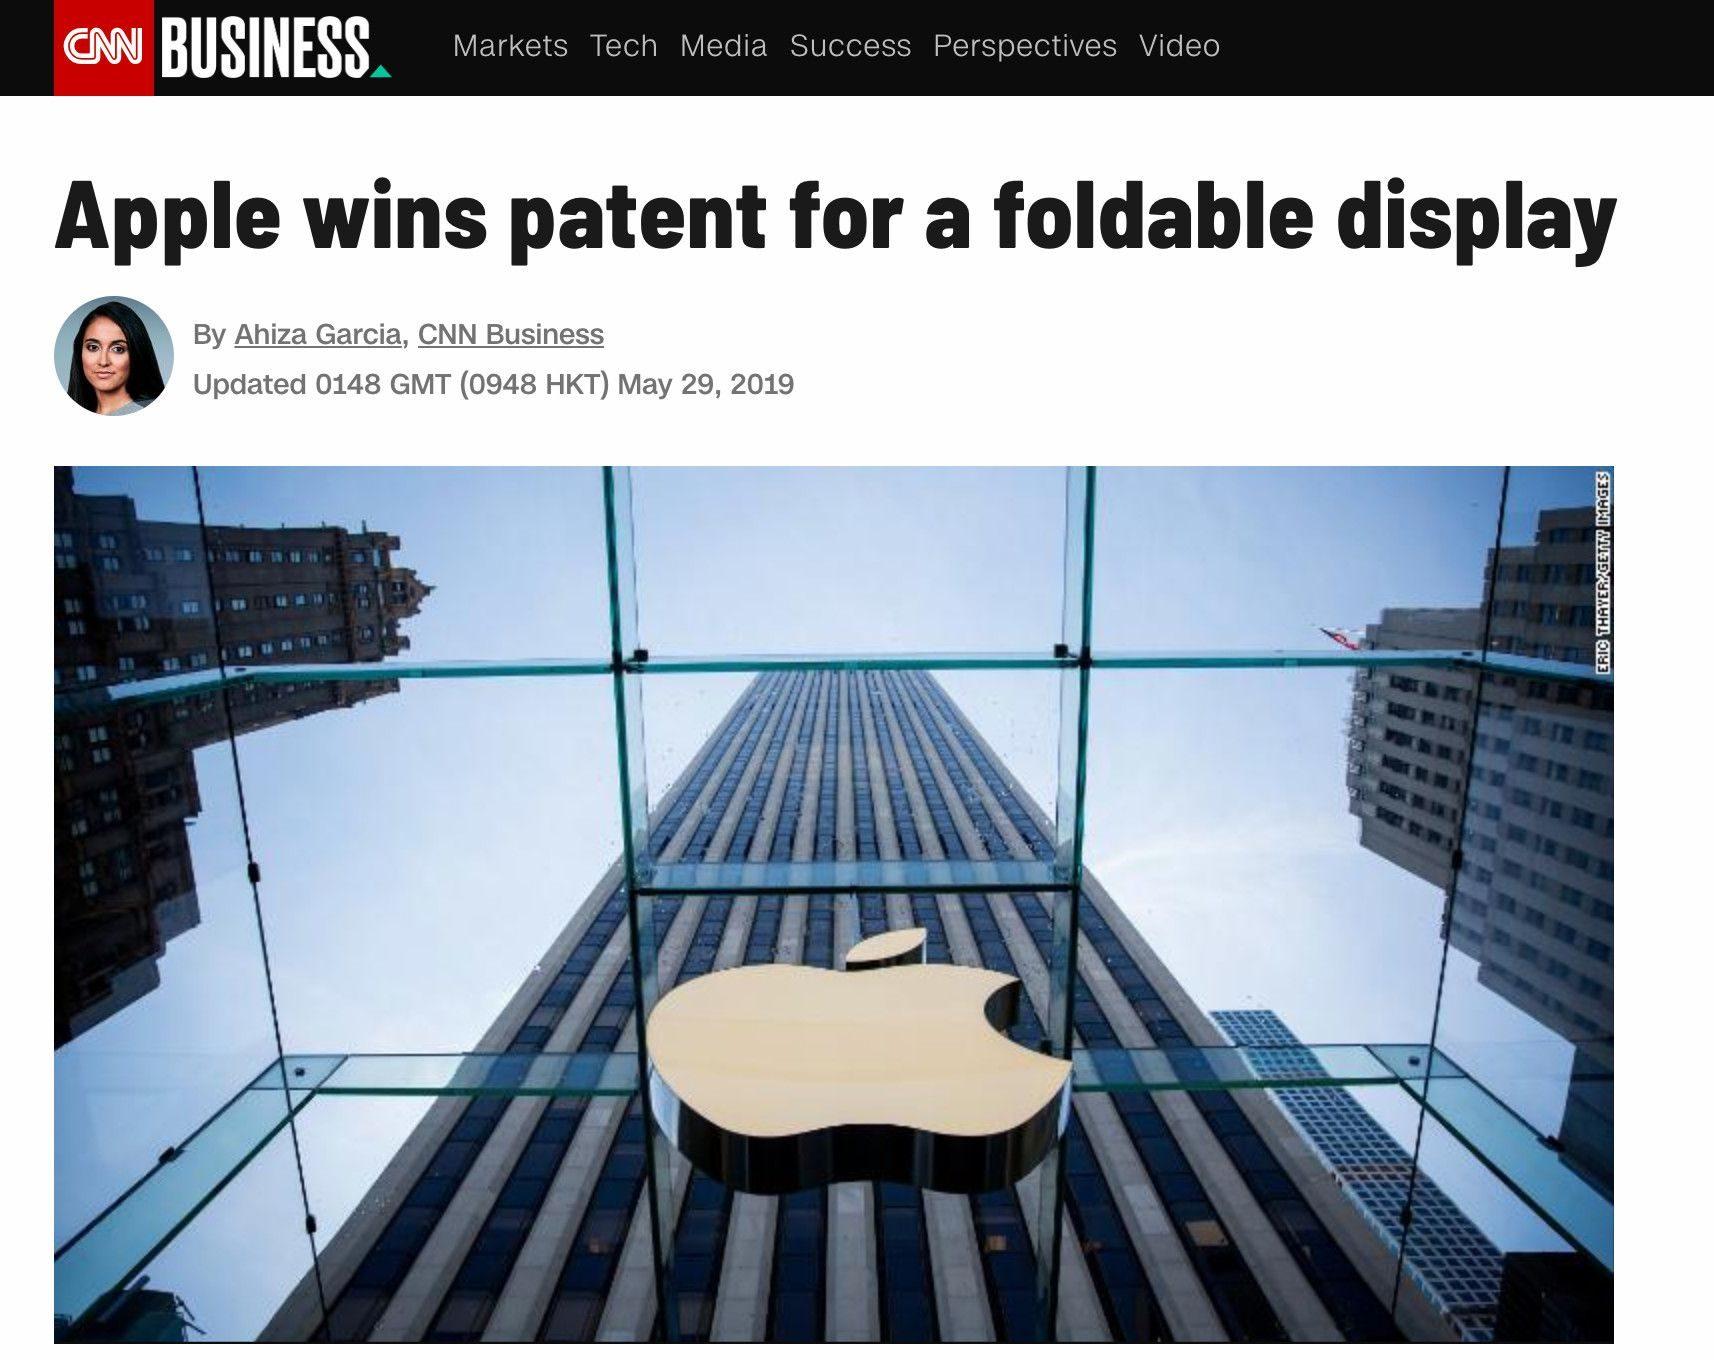 苹果获得可折叠屏幕专利可用于iPhone;三星Note 10相机细节曝光